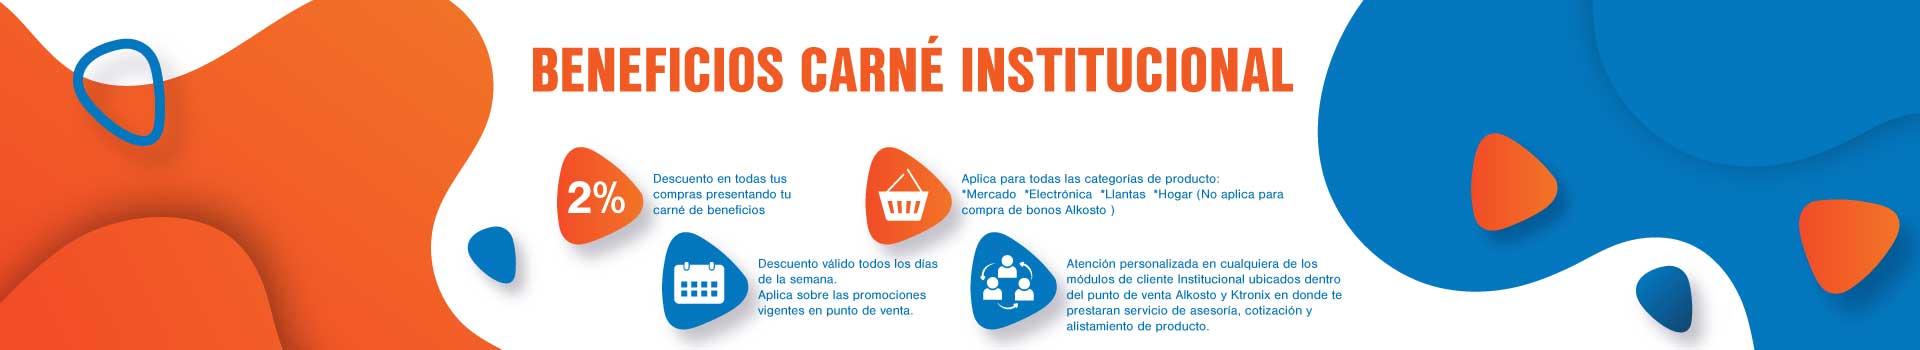 ventas-institucionales-3